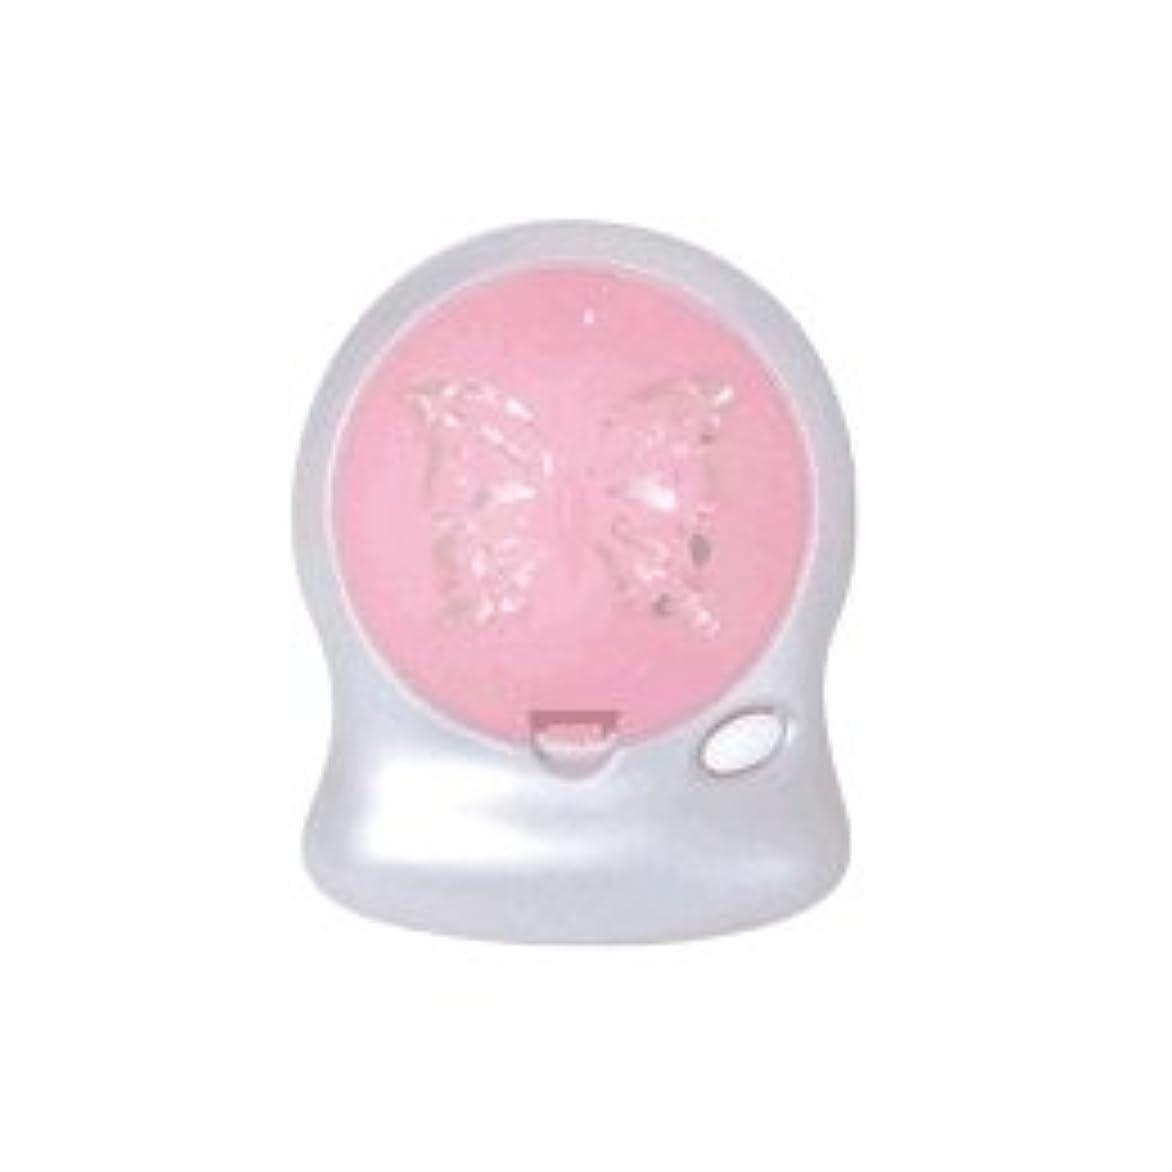 忙しい現実にはブレイズアロマブリーズ Nova t Jill (蝶柄) ピンク オフタイマー付モバイルファン式芳香器